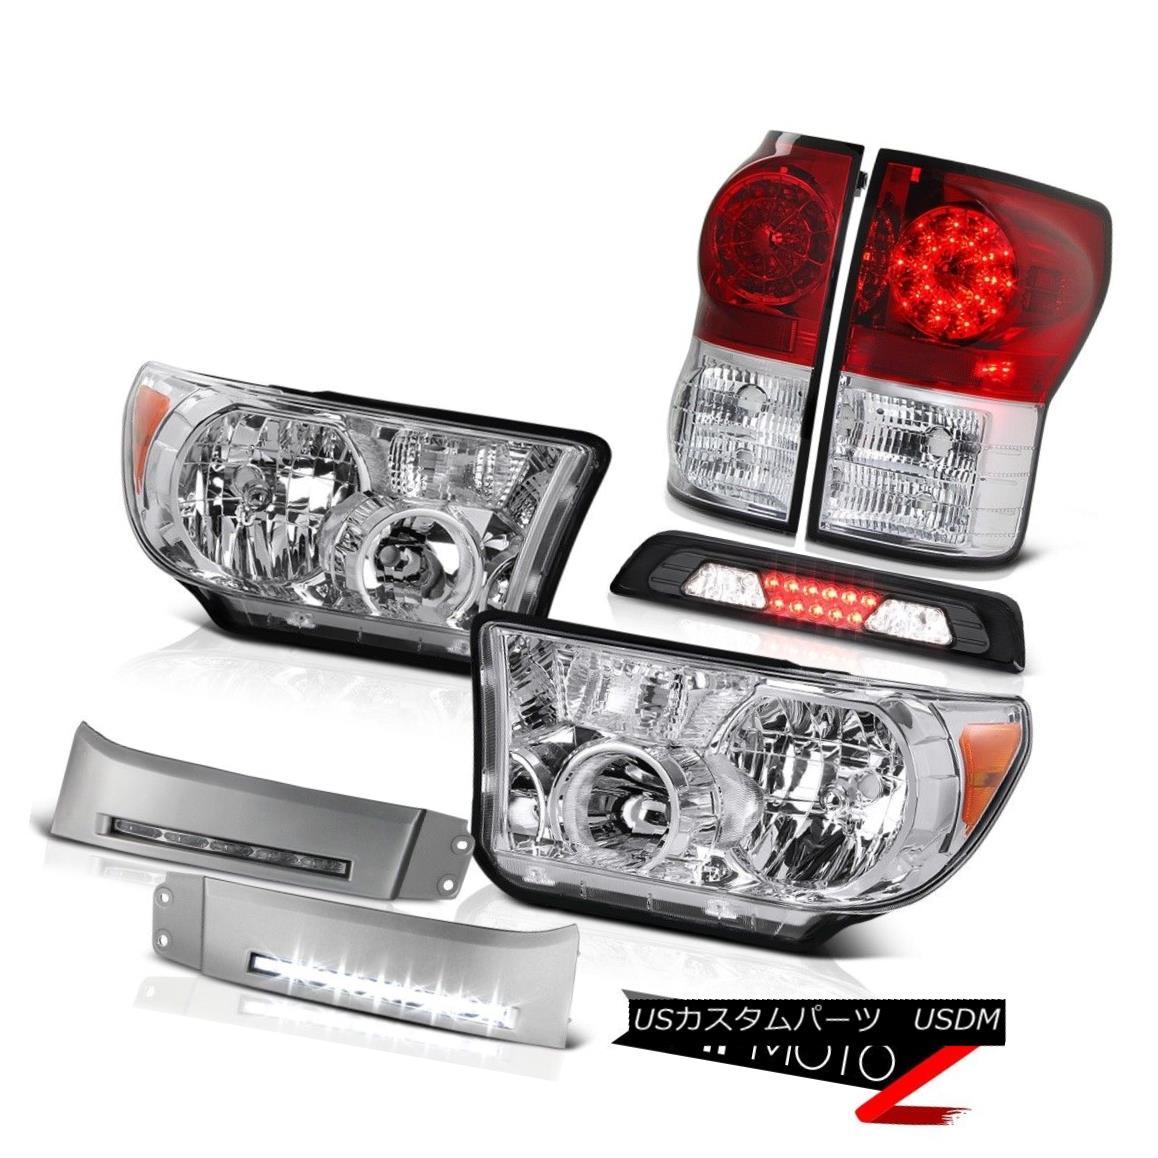 テールライト 07-13 Toyota Tundra SR5 Headlamps DRL Strip High Stop Light Wine Red Tail Lamps 07-13トヨタトンドラSR5ヘッドライトDRLストリップハイストップライトワインレッドテールランプ